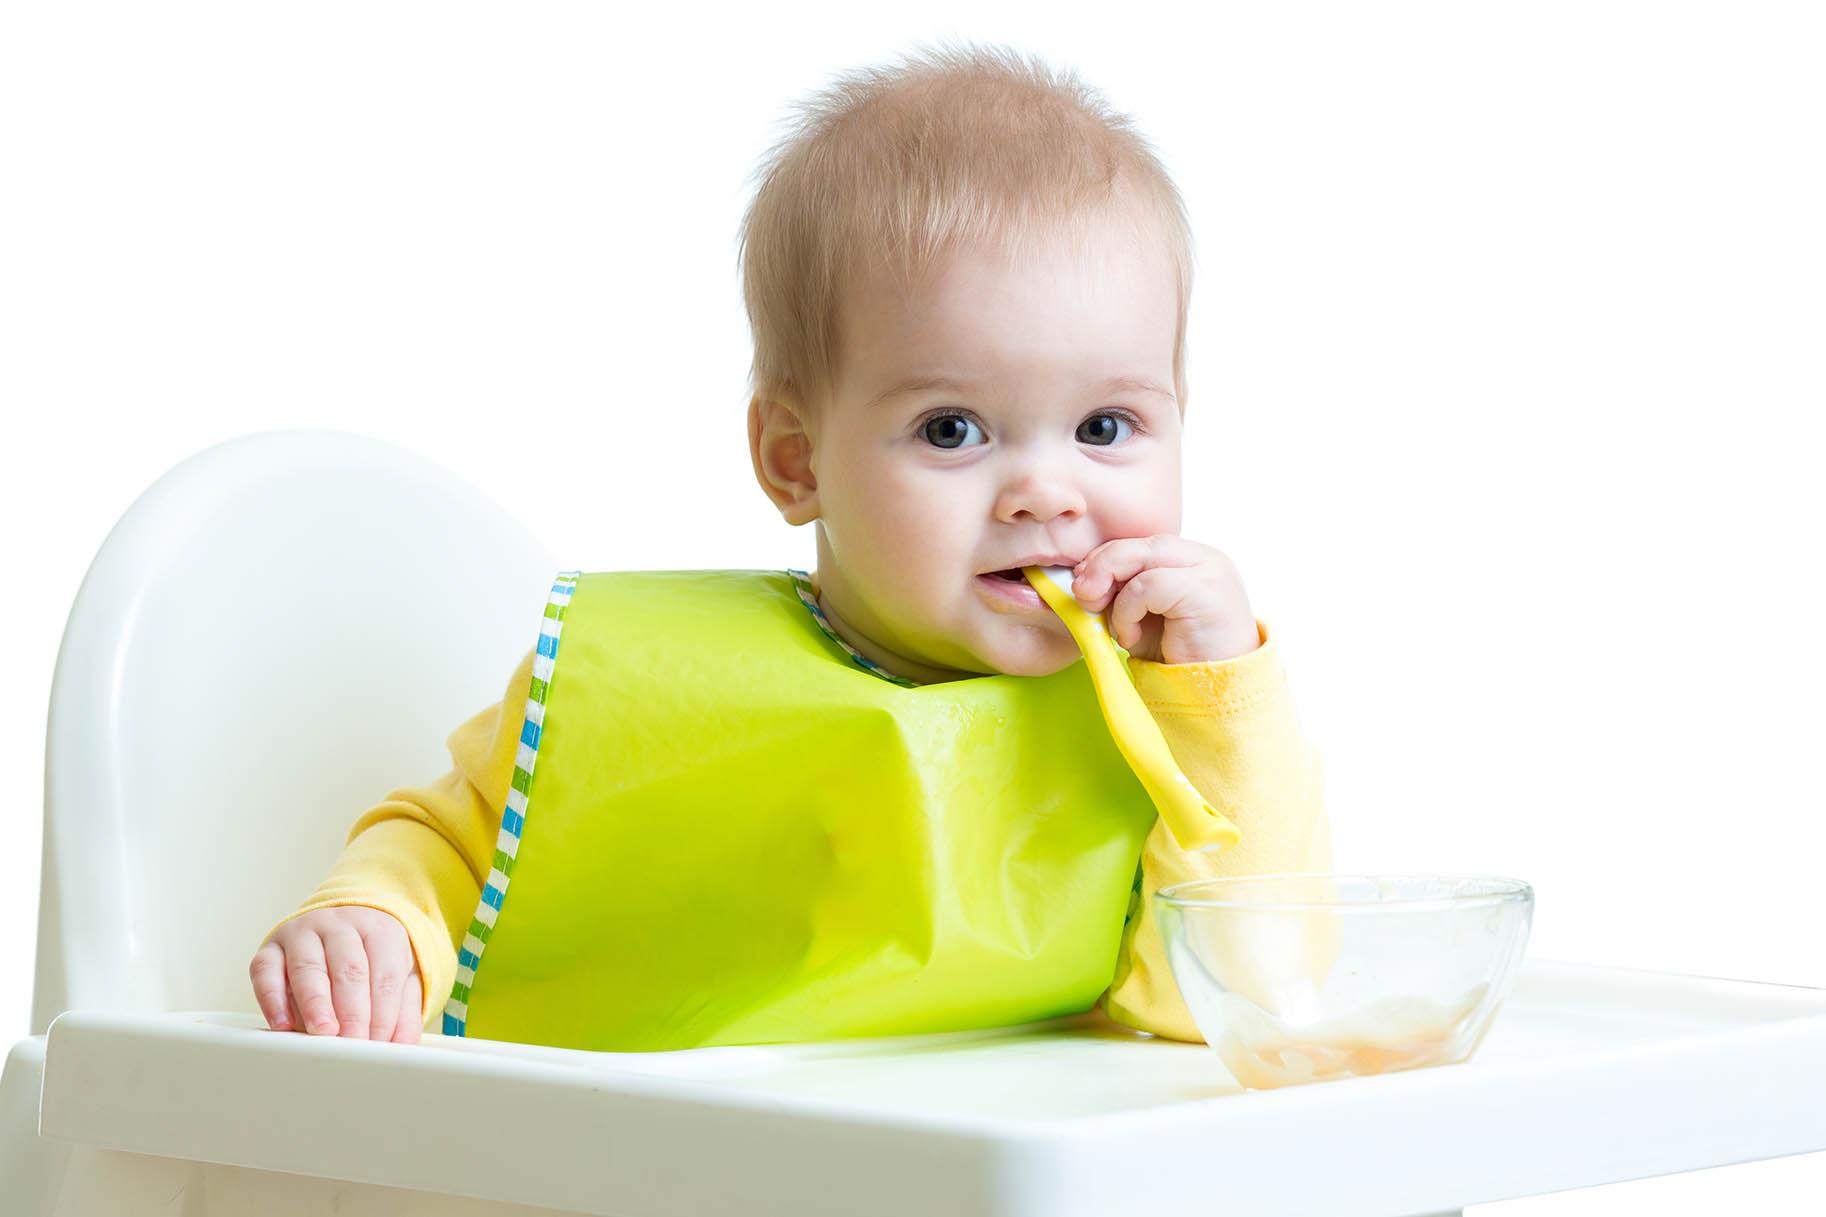 bambino sul seggiolone con cucchiaino in bocca